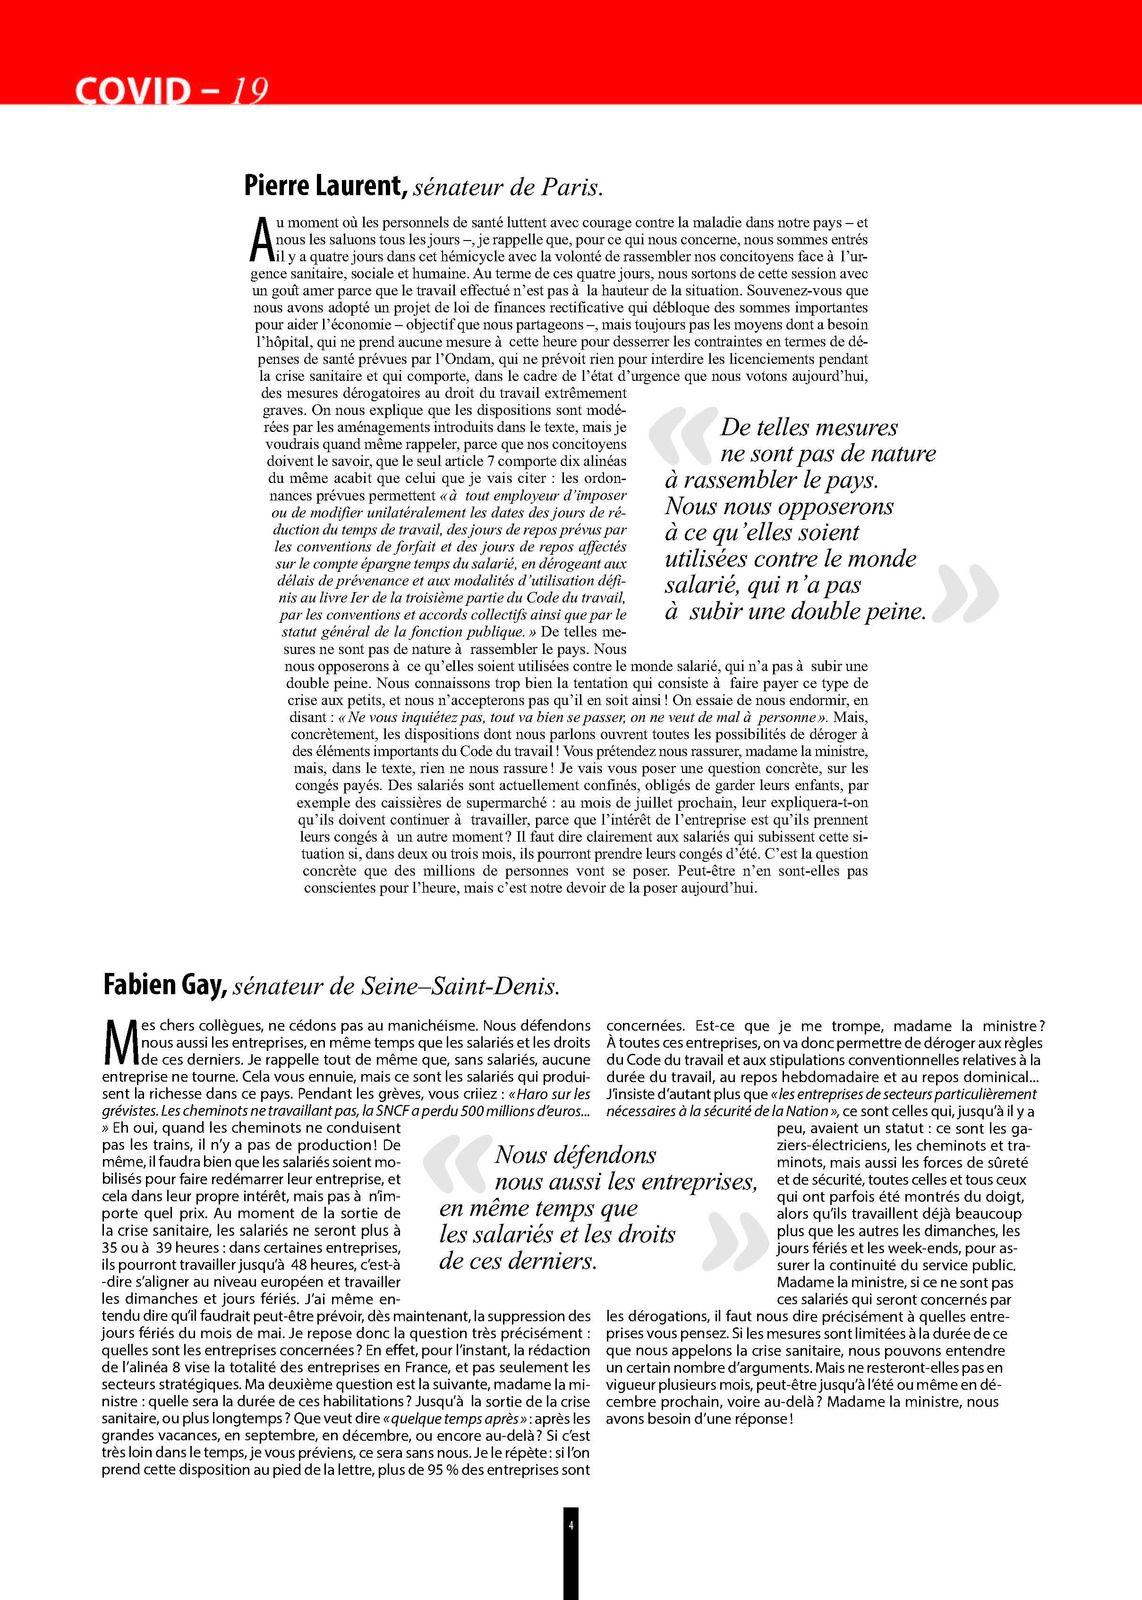 INITIATIVES - Journal du groupe communiste, républicain, citoyen, et écologiste au Sénat (Numéro 118 - Avril 2020)